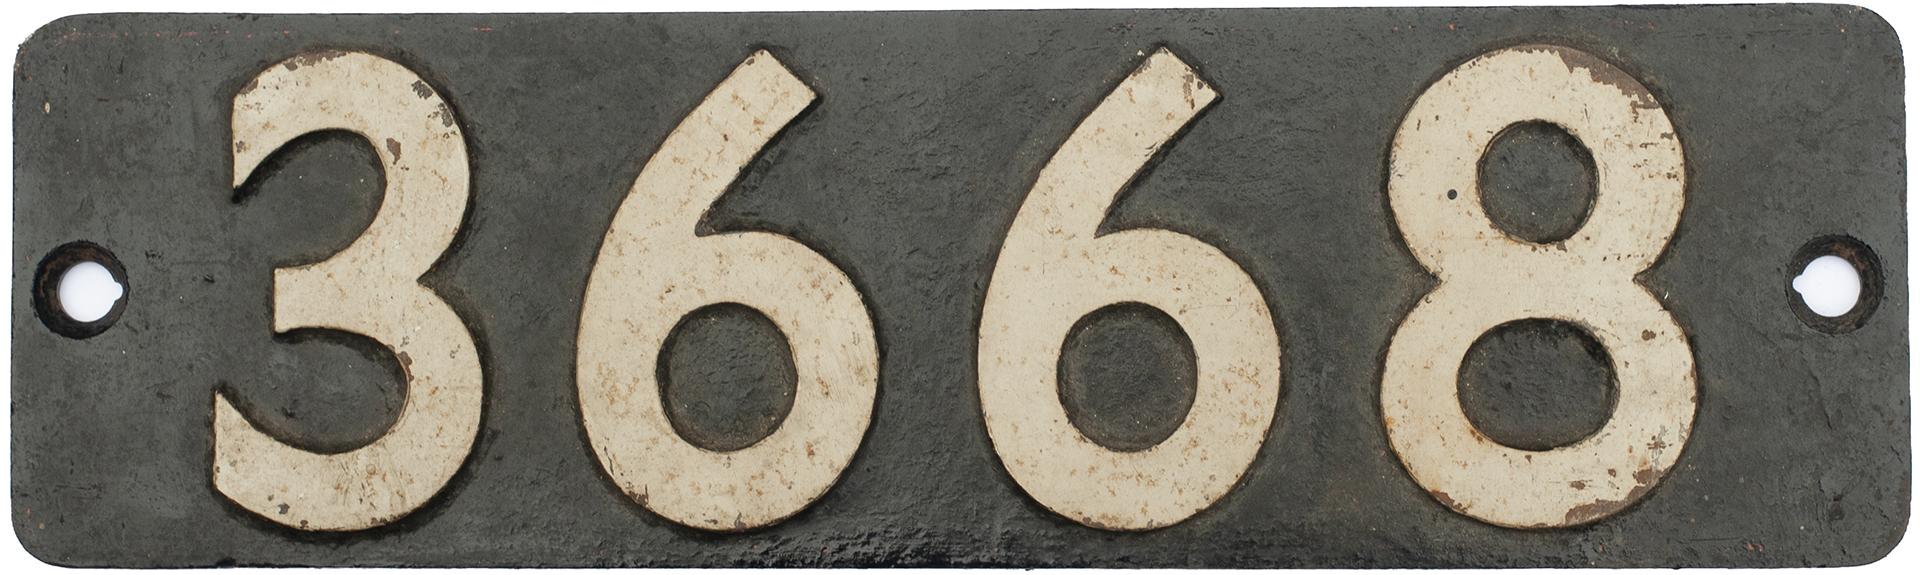 Smokebox Numberplate 3668 Ex GWR Collett 0-6-0 PT